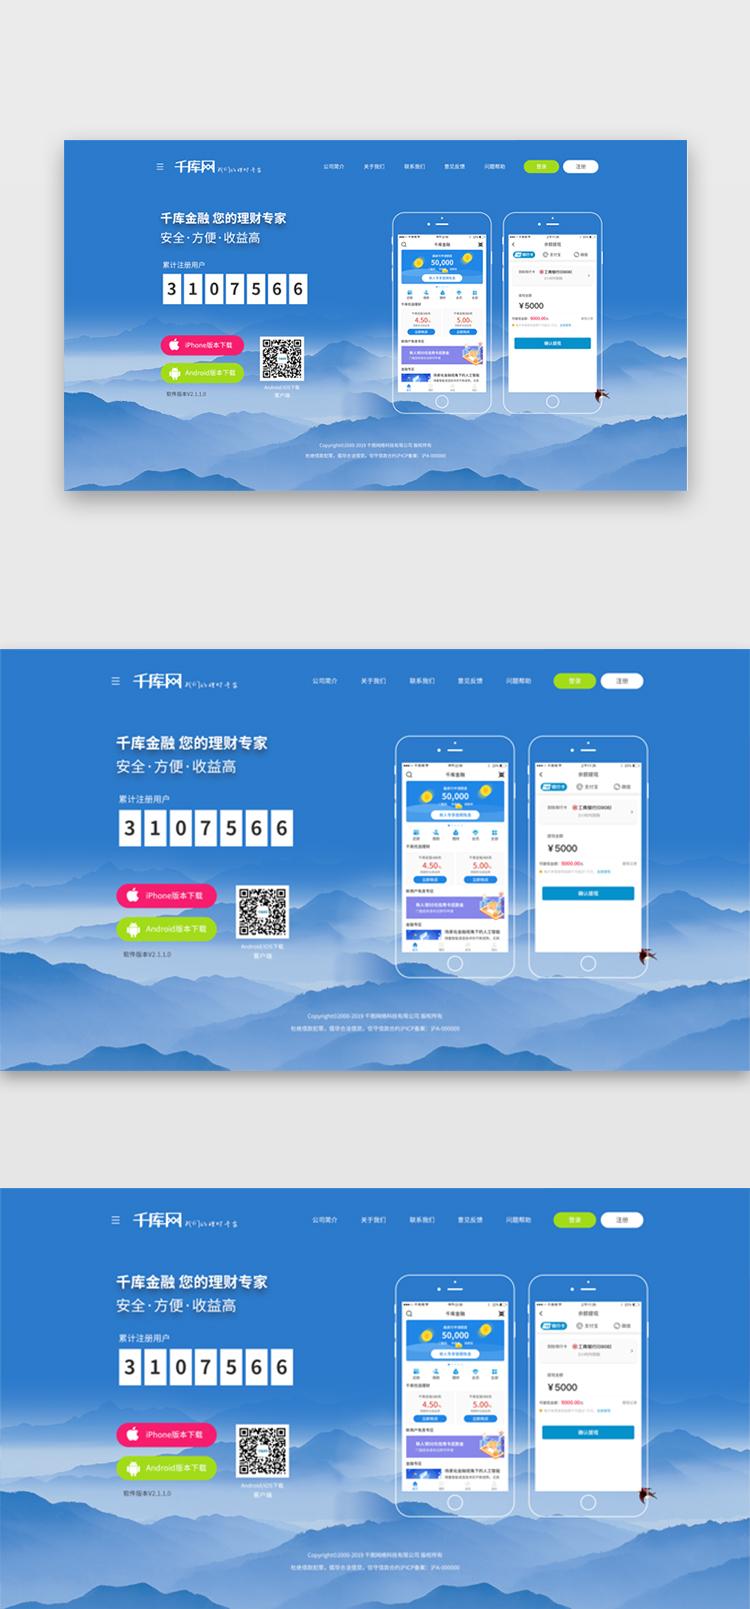 网站系页面软件下载方案ui界面设计素材加工棚设计蓝色图片